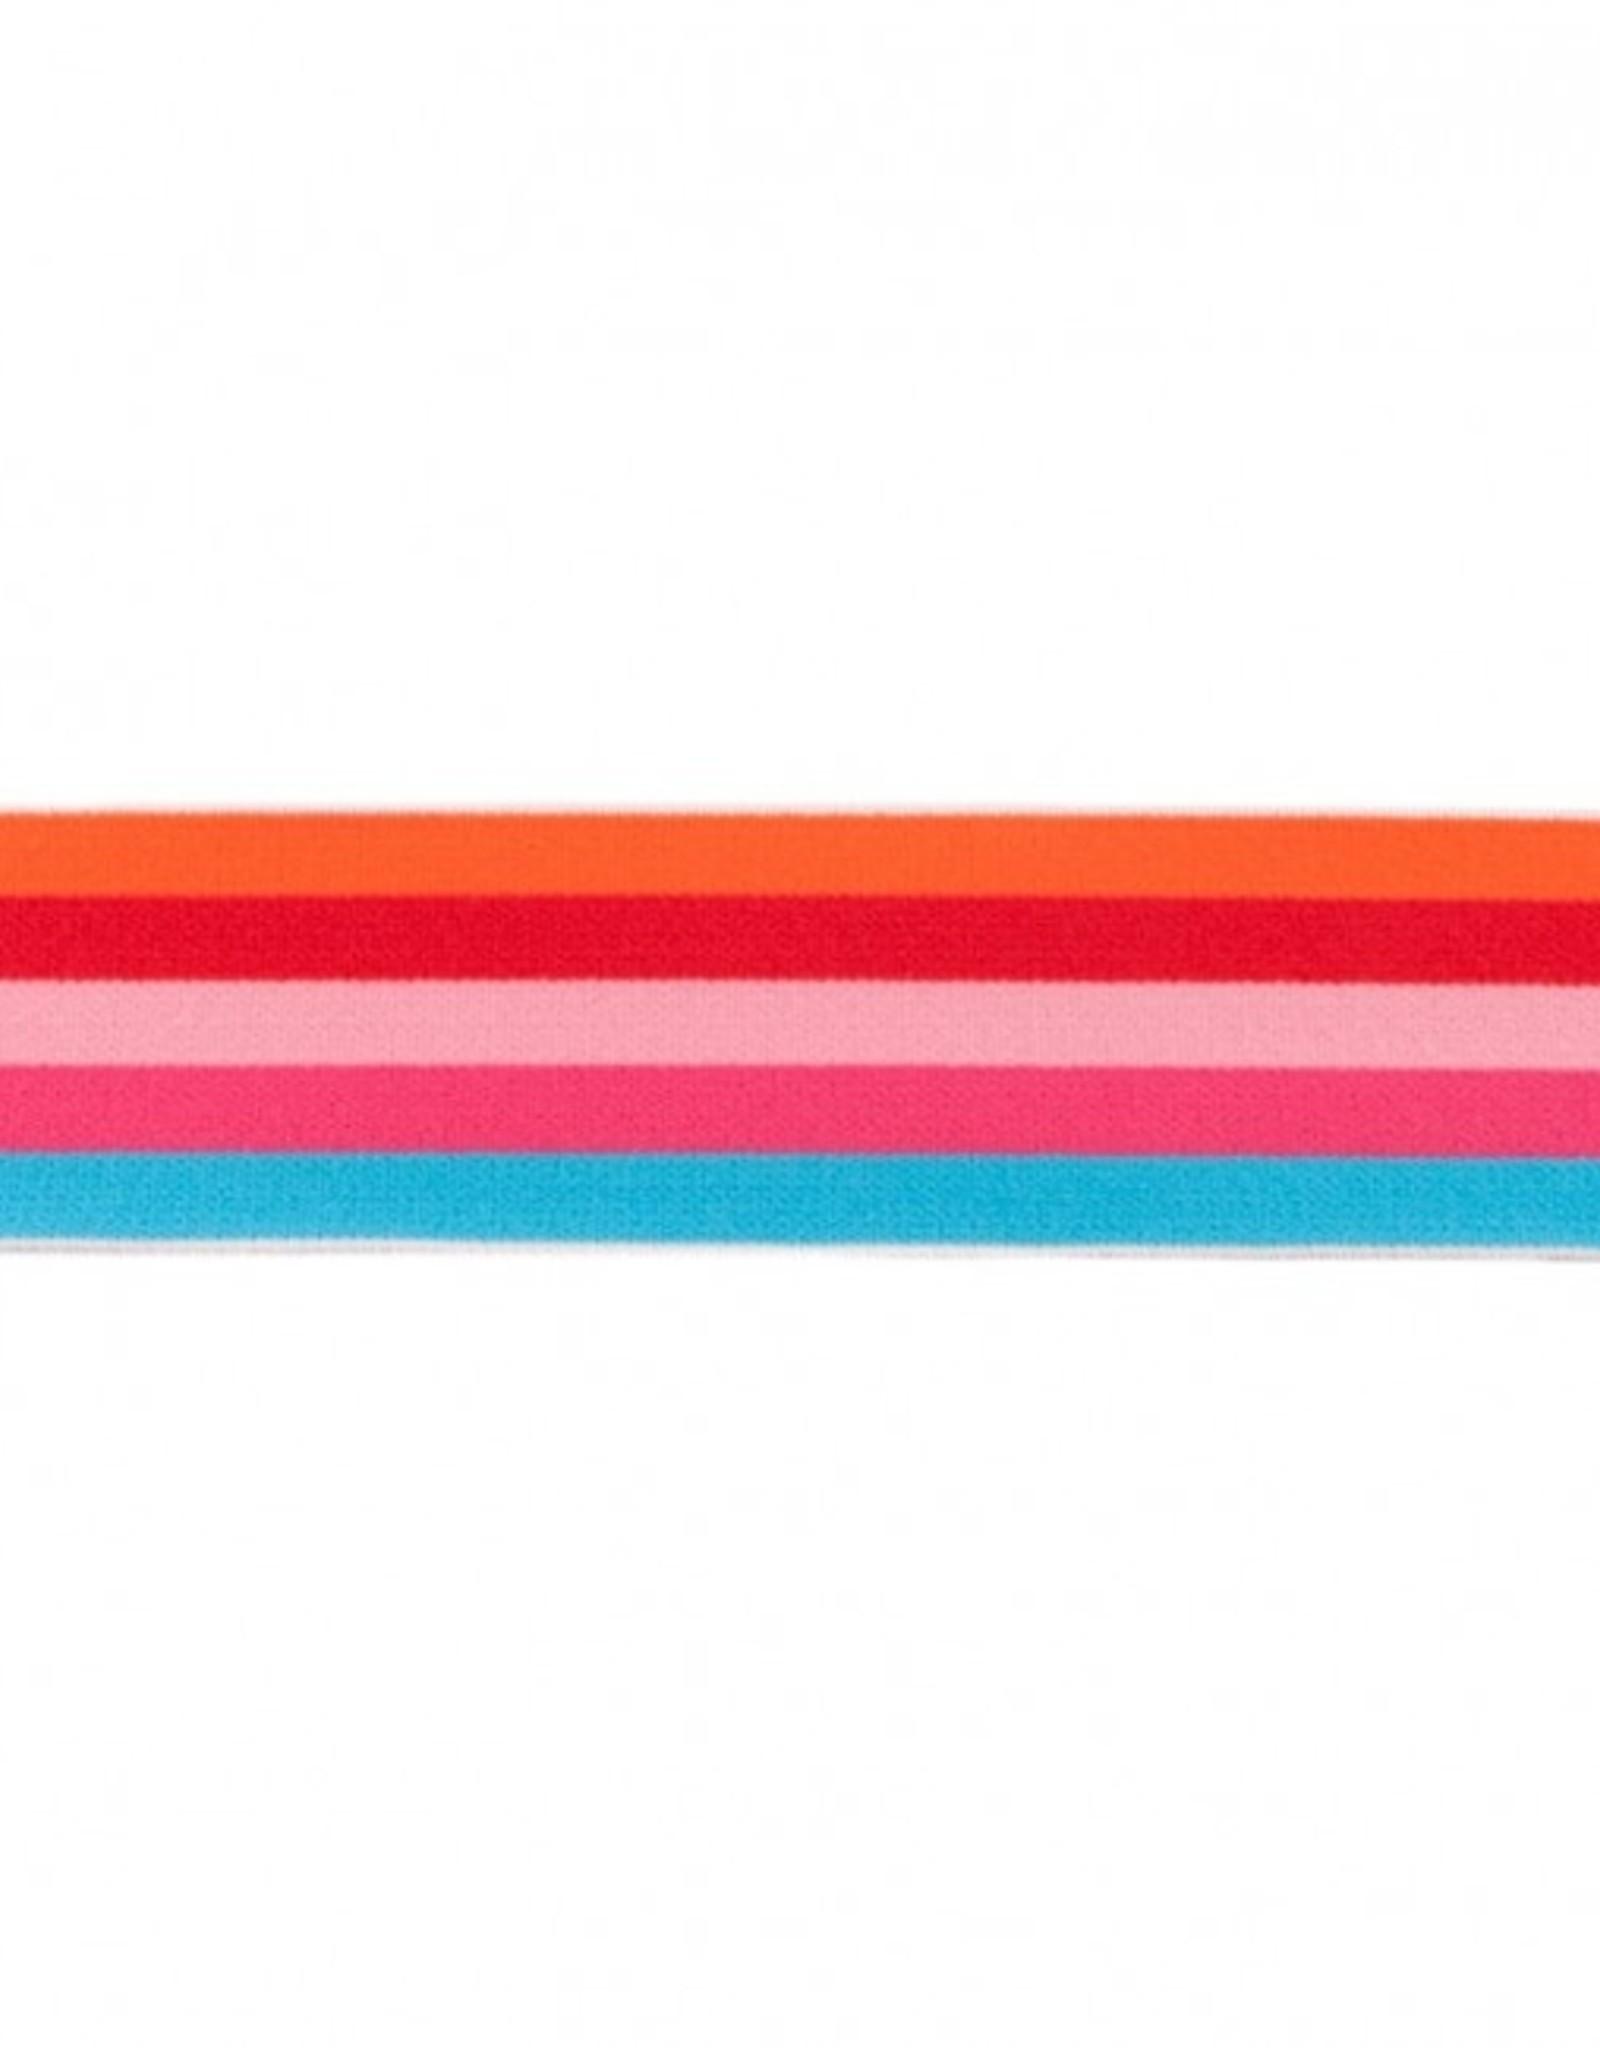 Elastiek multi streep 40 mm oranje turquoise